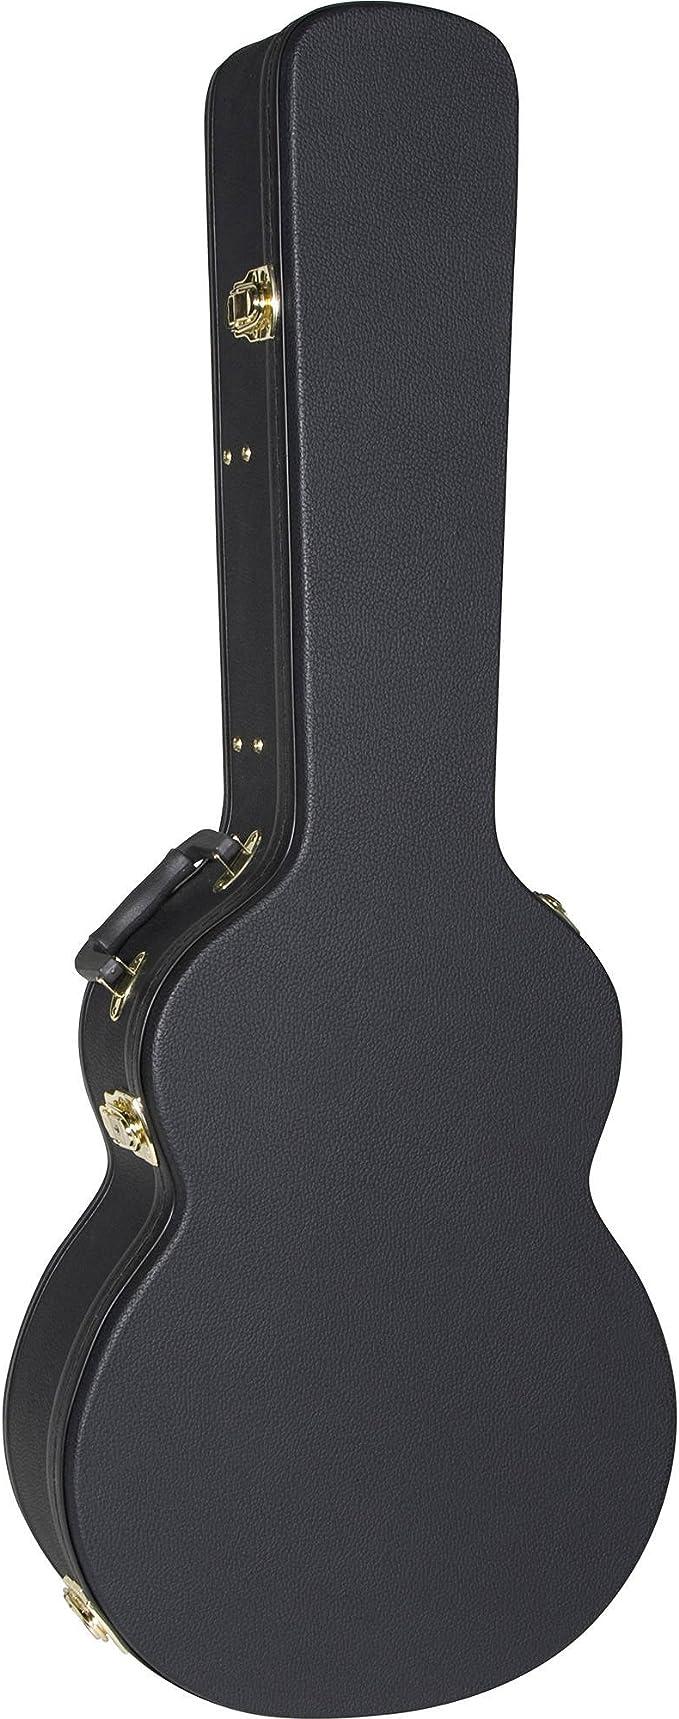 Yamaha AG3-Hard Case Concert Size Hardshell Acoustic Guitar Case